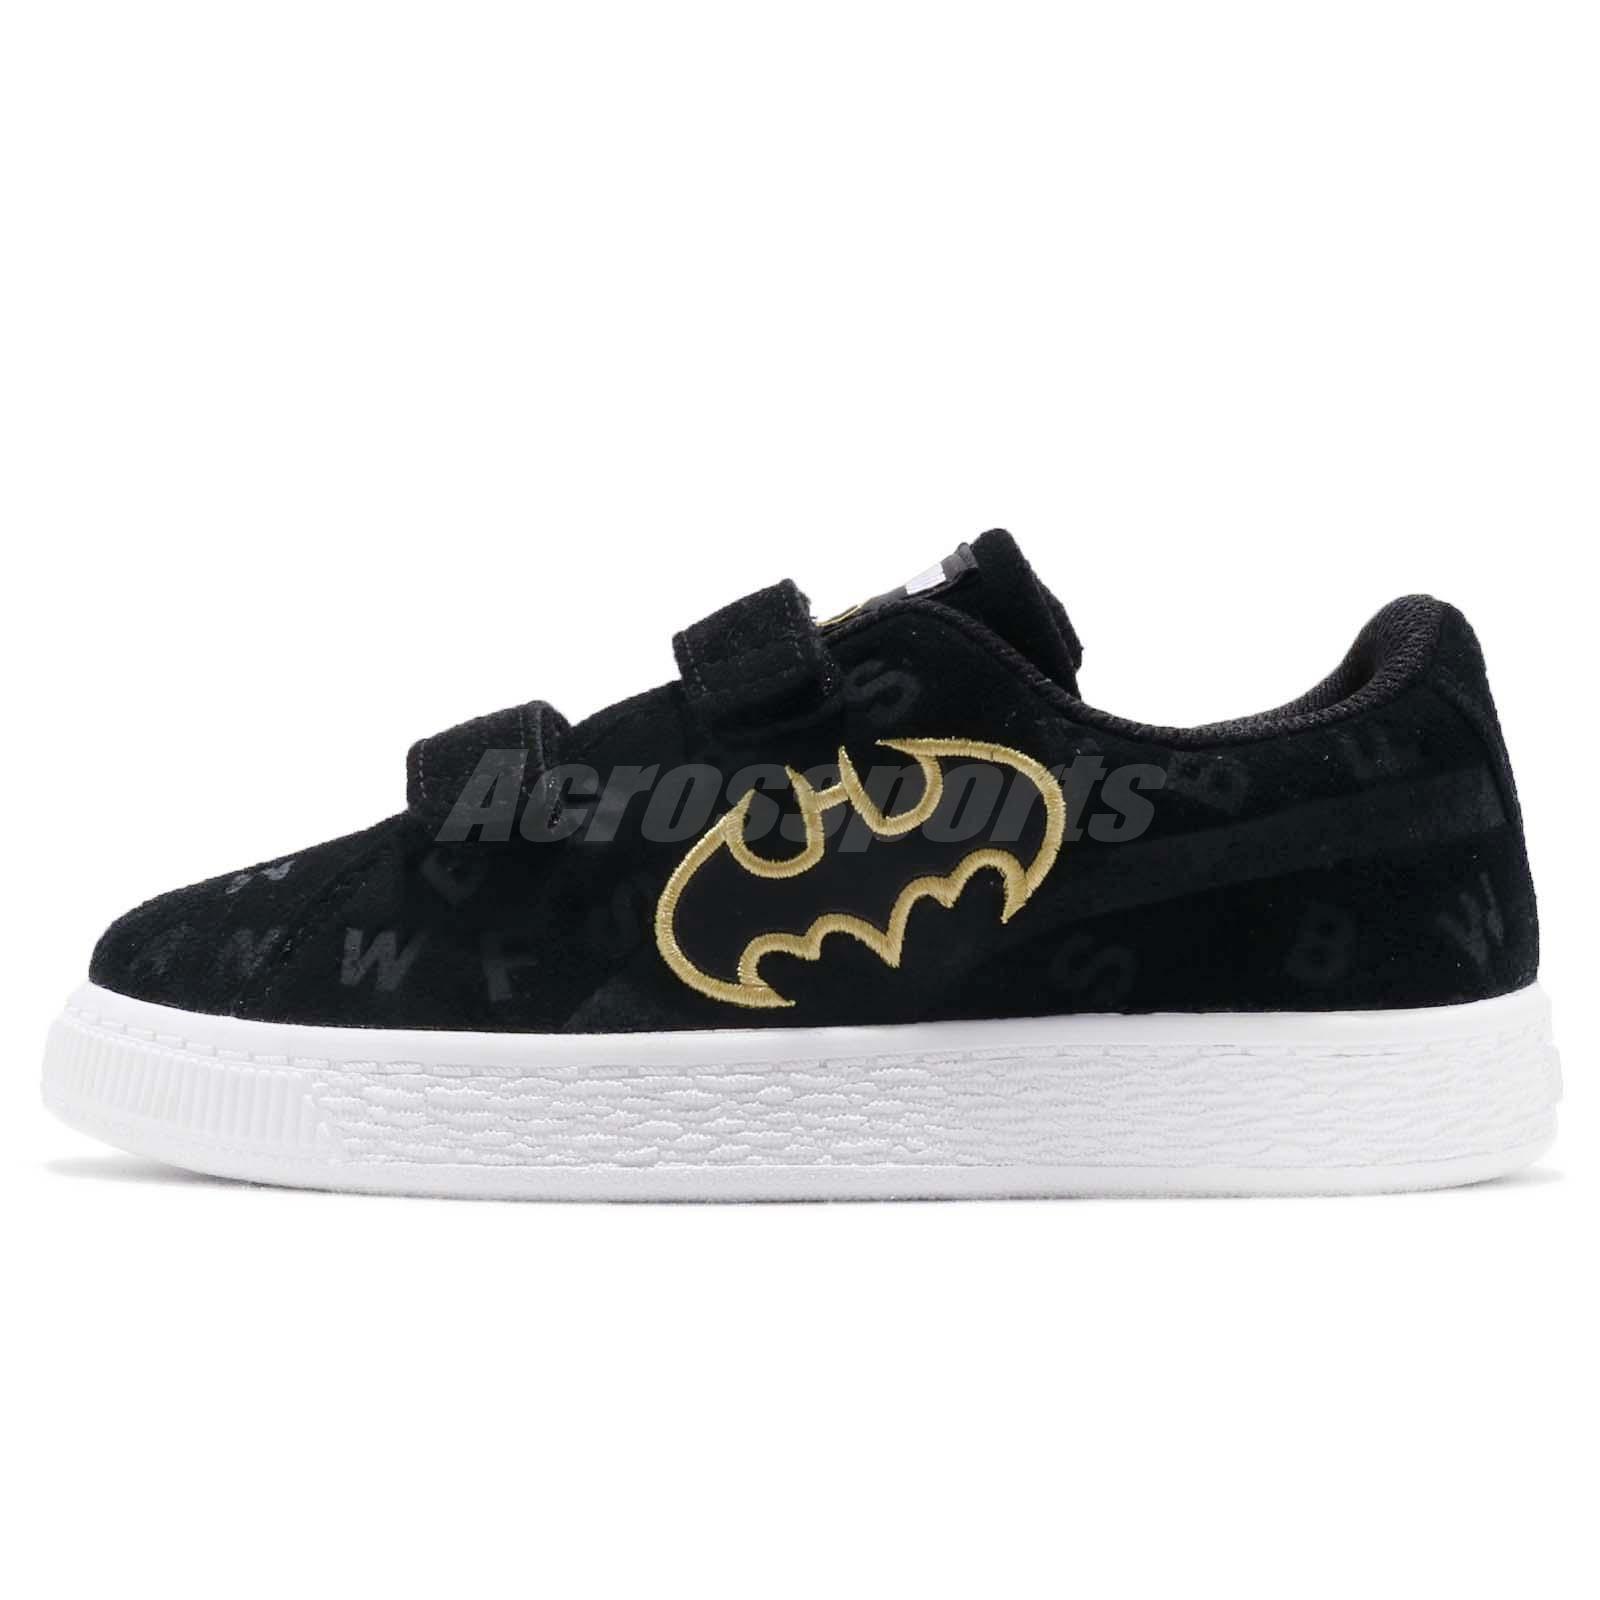 cb3cd054e89c9d Puma JL Suede AOP V PS Justice League Batman Black Kid Preschool Shoes  366559-01